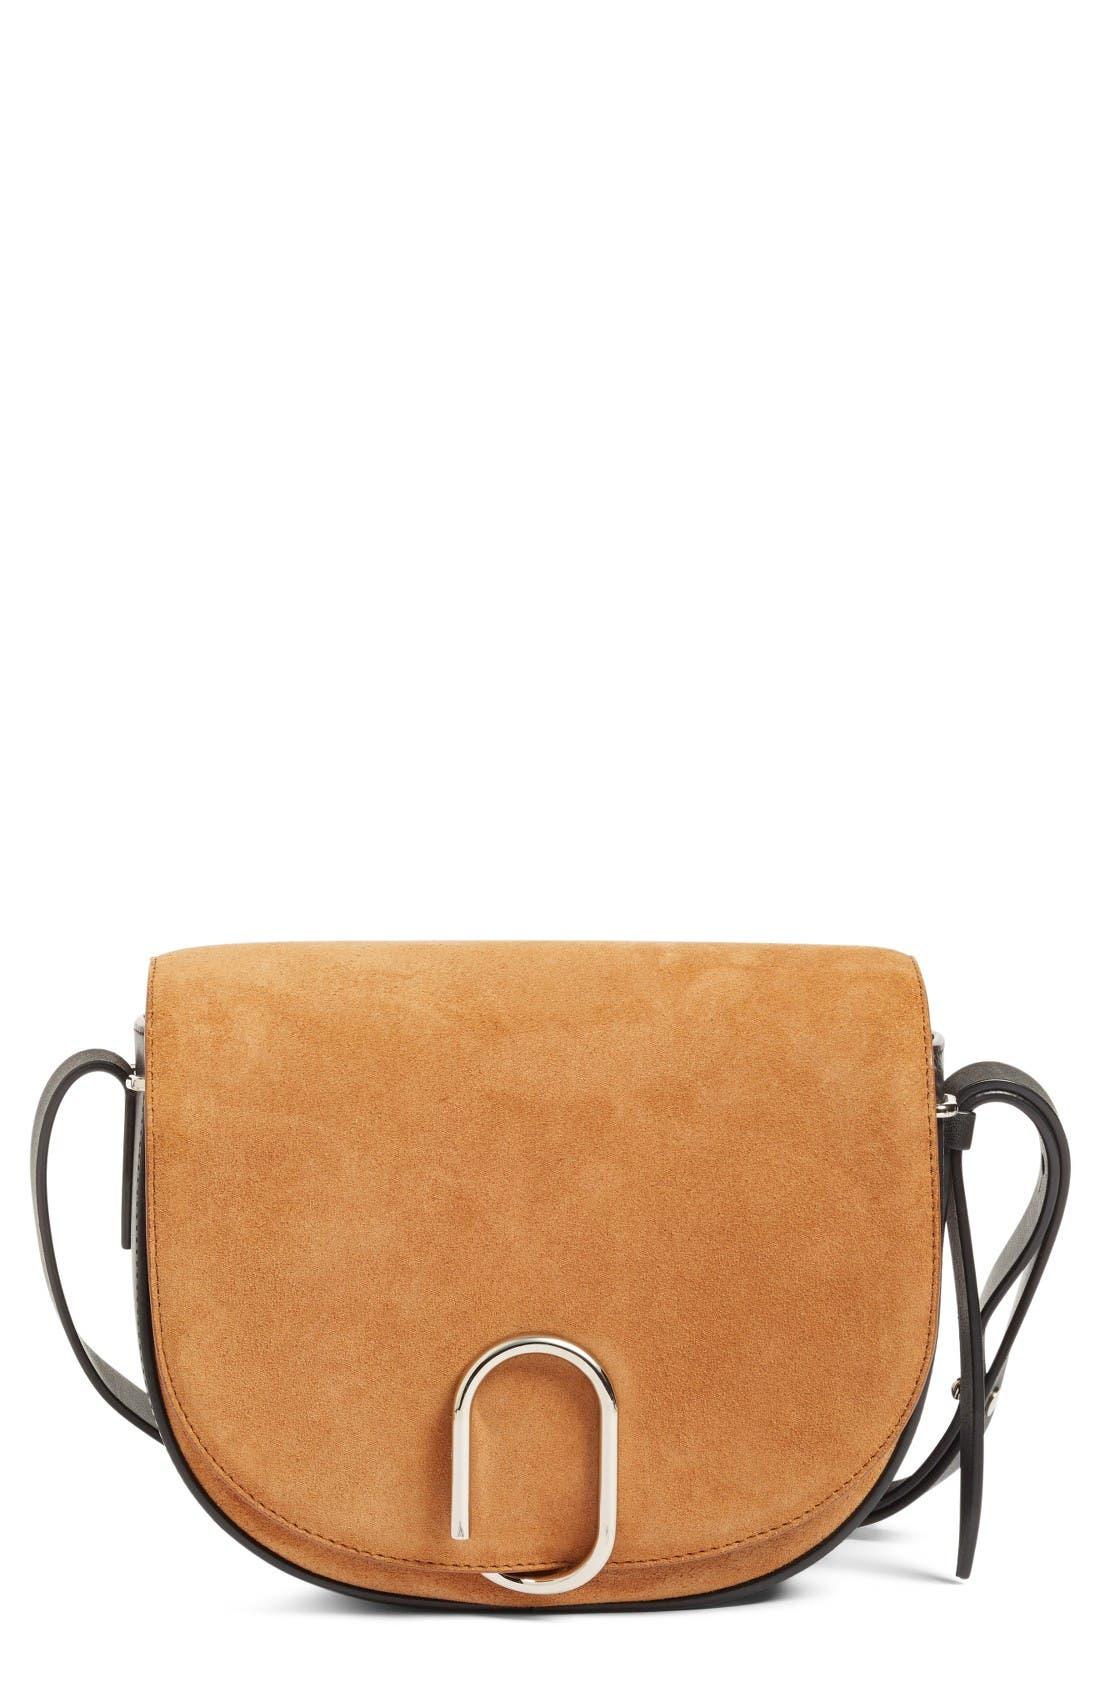 Main Image - 3.1 Phillip Lim Alix Suede Saddle Bag